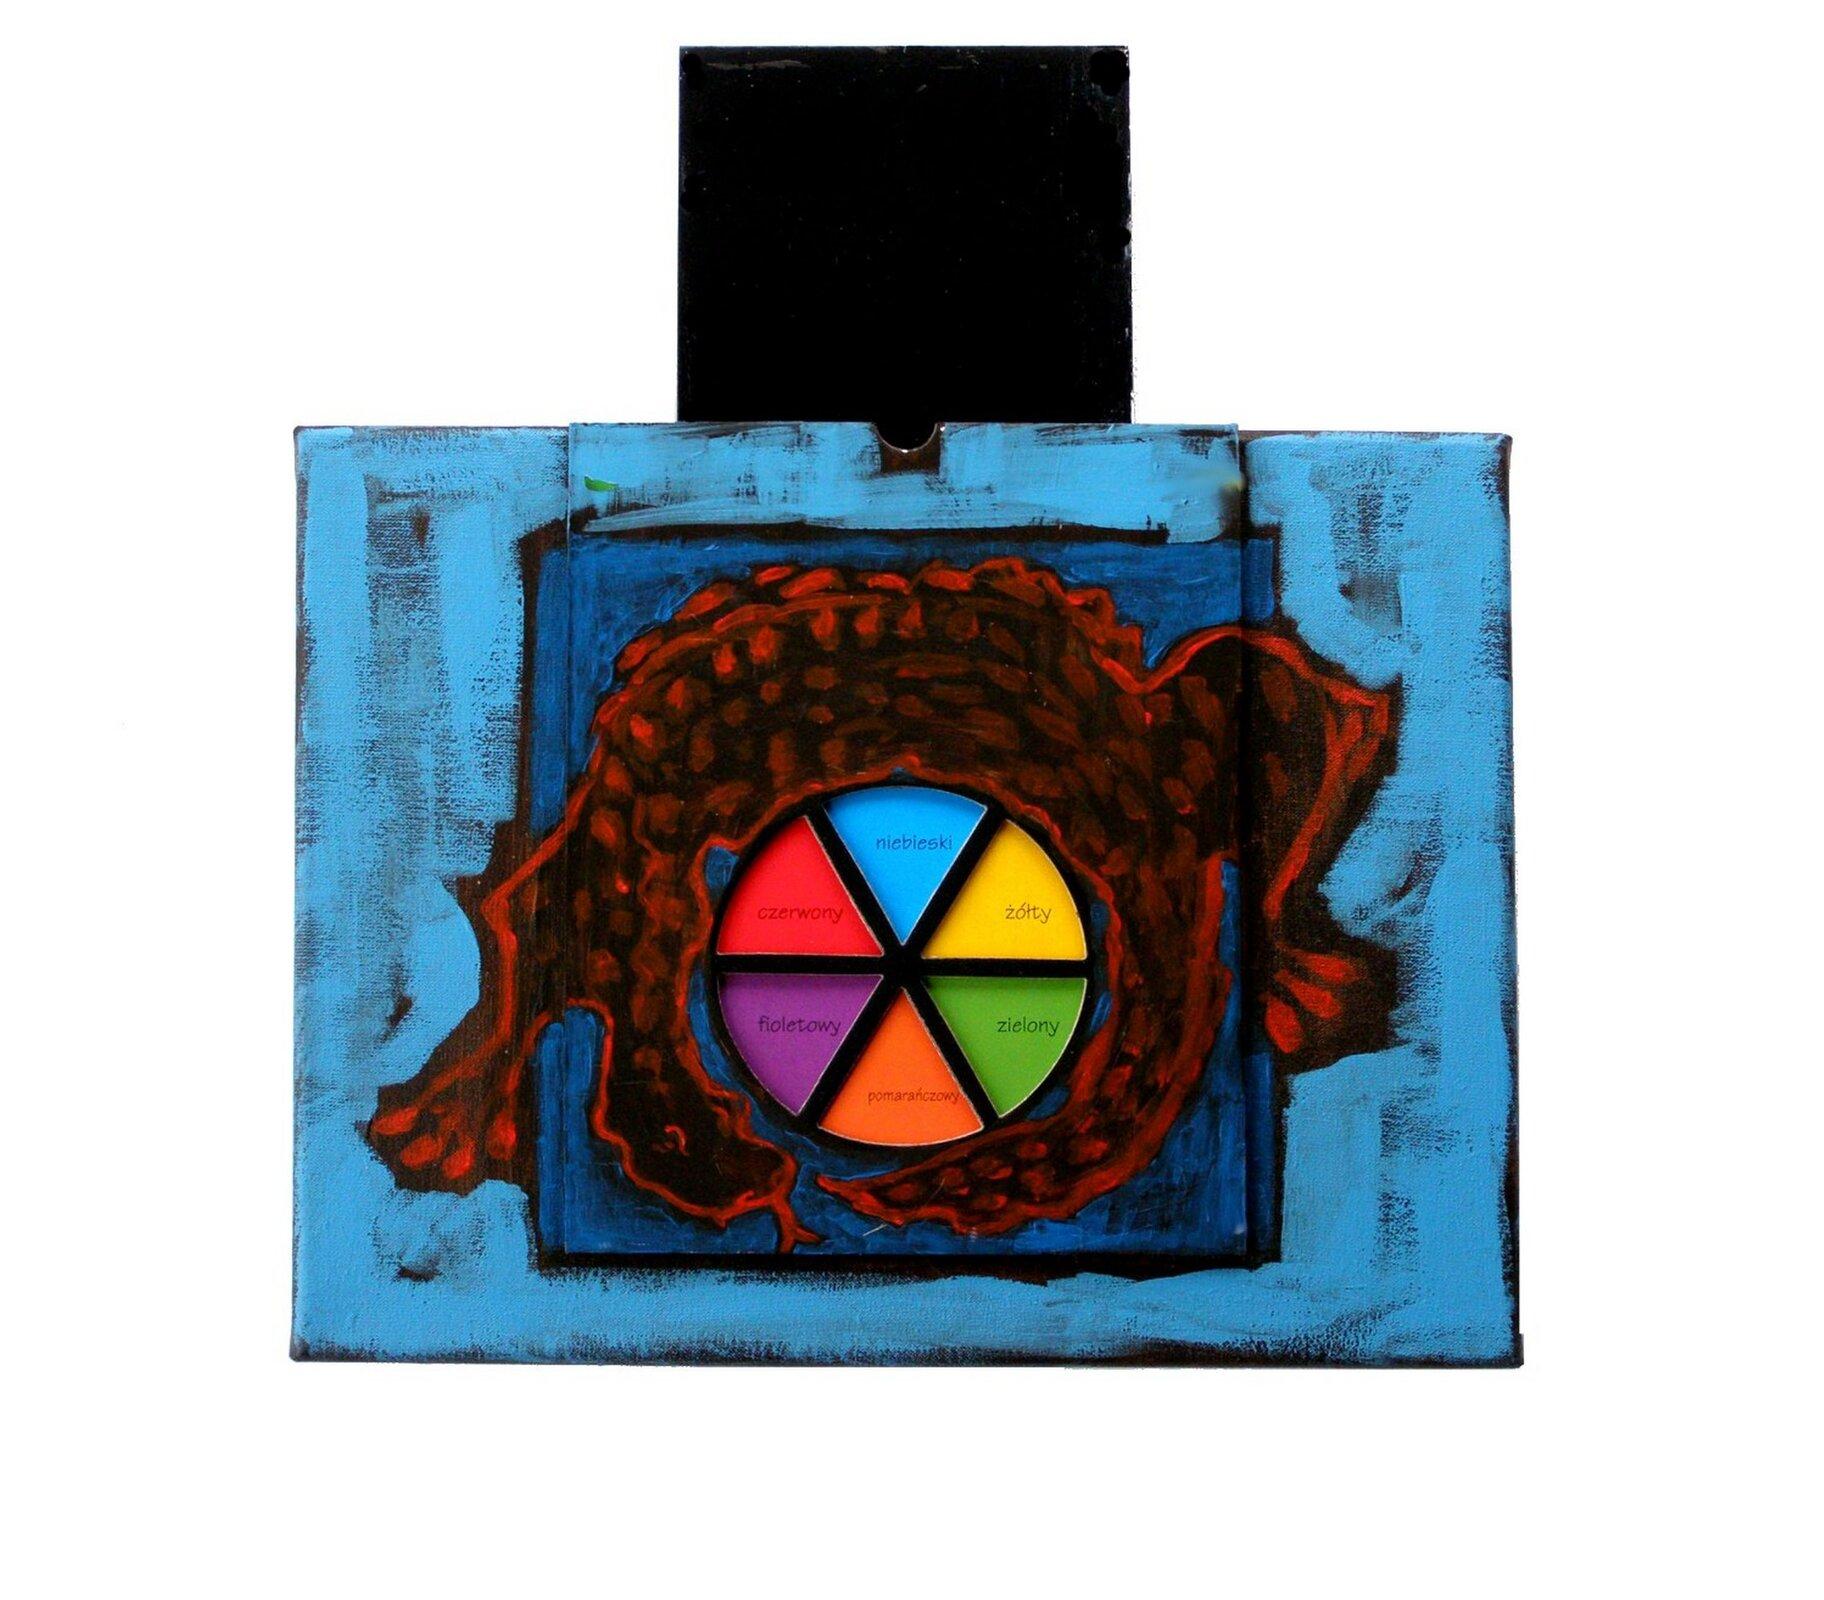 """Ilustracja przedstawia obraz """"Autoportret psychologiczny IV"""" autorstwa Barbary Kaczorowskiej. Praca składa się zdwóch elementów: prostokątnego, kolorowego obrazu oraz ustawionego nad nim czarnego mniejszego prostokąta. Na przecierkowo malowanym, błękitnym tle większego obrazu znajduje się niebieski kwadrat, na którym została namalowana czerwonym konturem zwinięta wokół koła barw jaszczurka. Koło barw, dzięki swym czystym kolorom zdecydowanie wybija się na pierwszy plan kompozycji. Każde zsześciu pól jest odpowiednio opisane nazwami barw: niebieski, żółty, zielony, pomarańczowy, fioletowy iczerwony."""